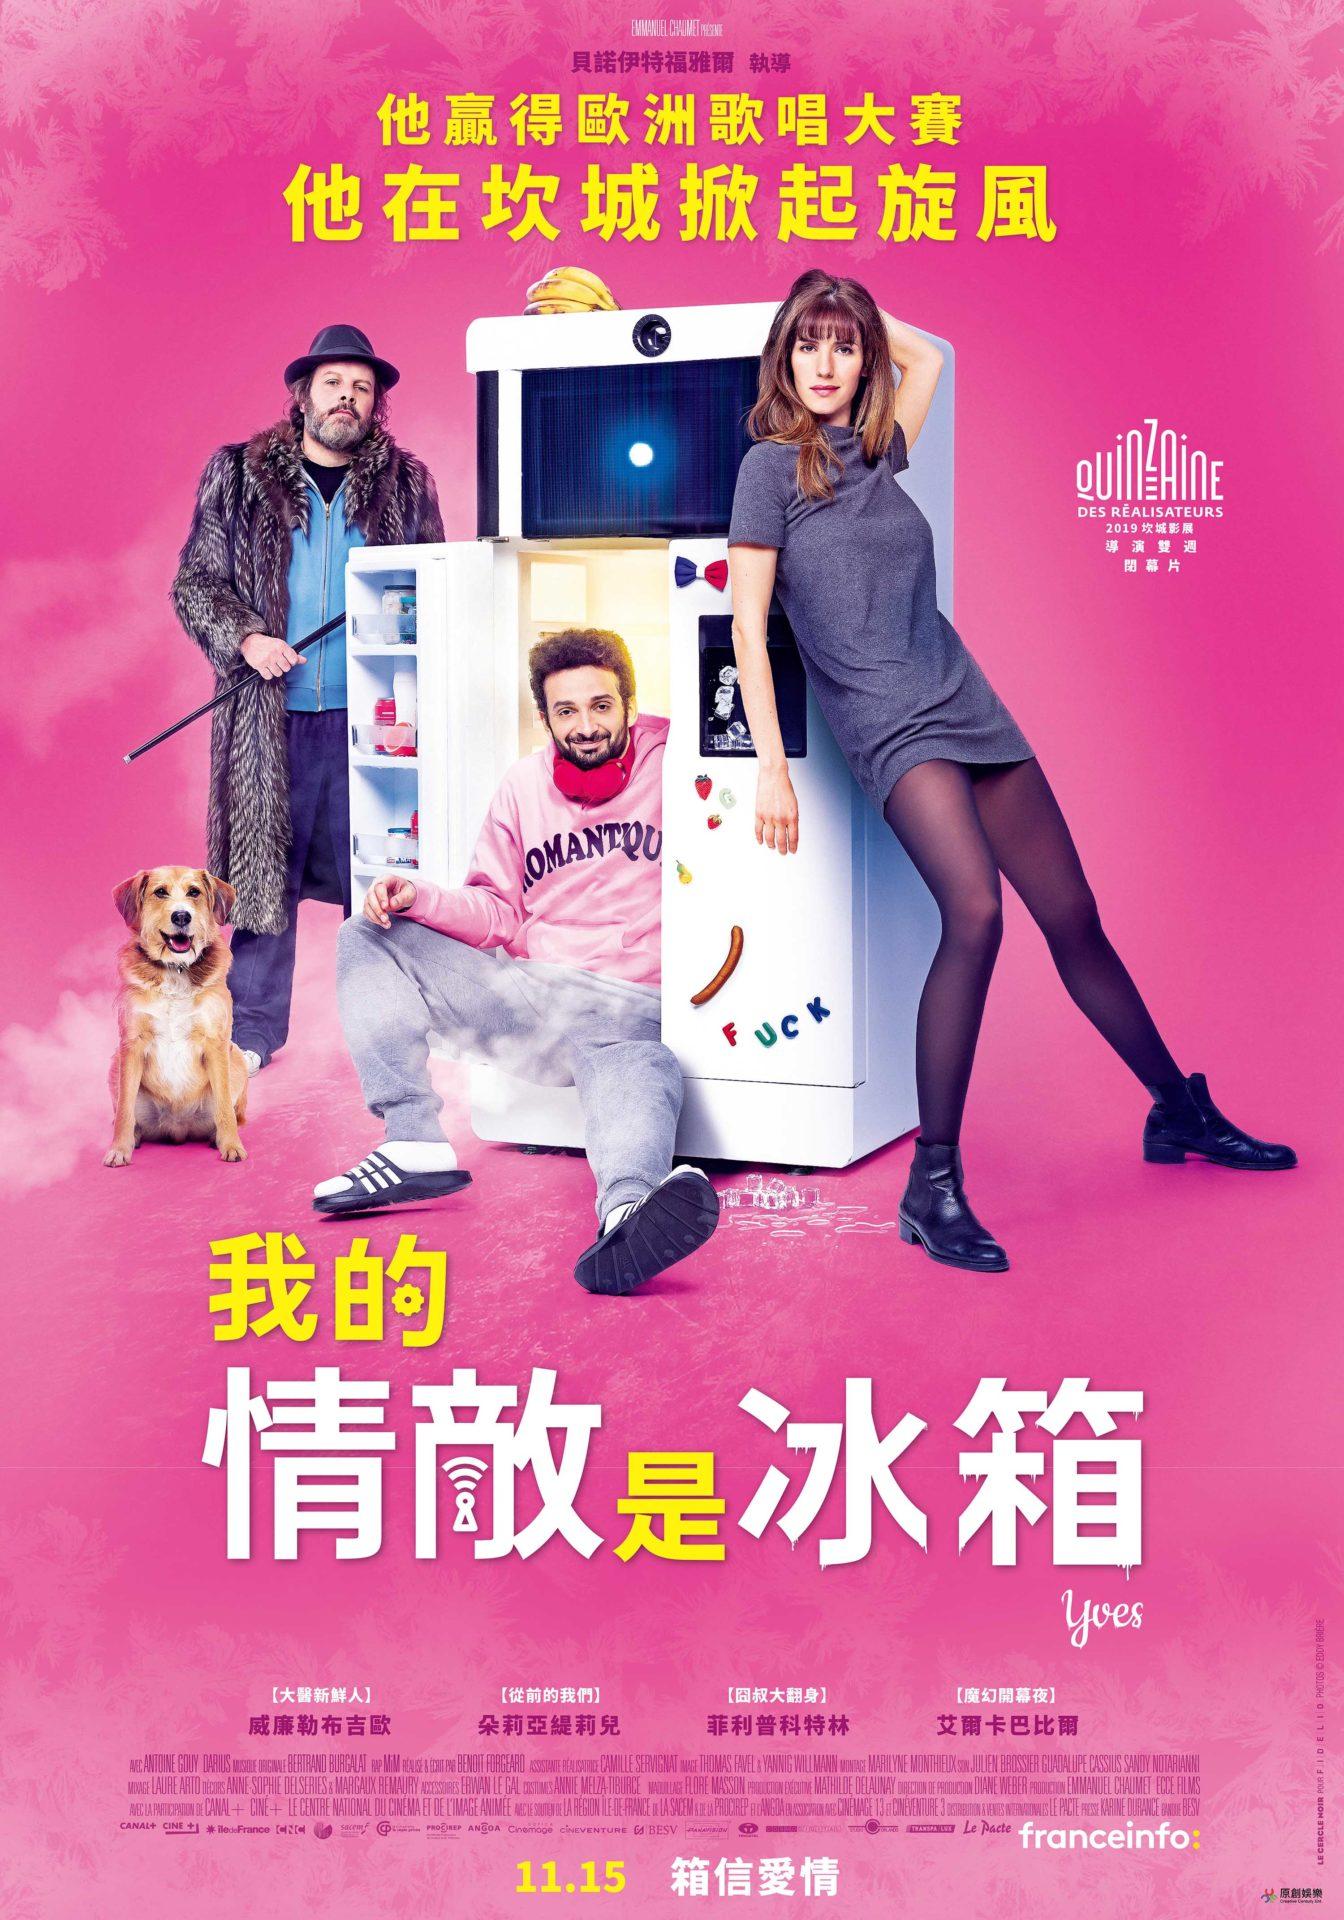 《我的情敵是冰箱》家電也能參加歌唱比賽 上演「人機一體3P」腦洞大開無極限